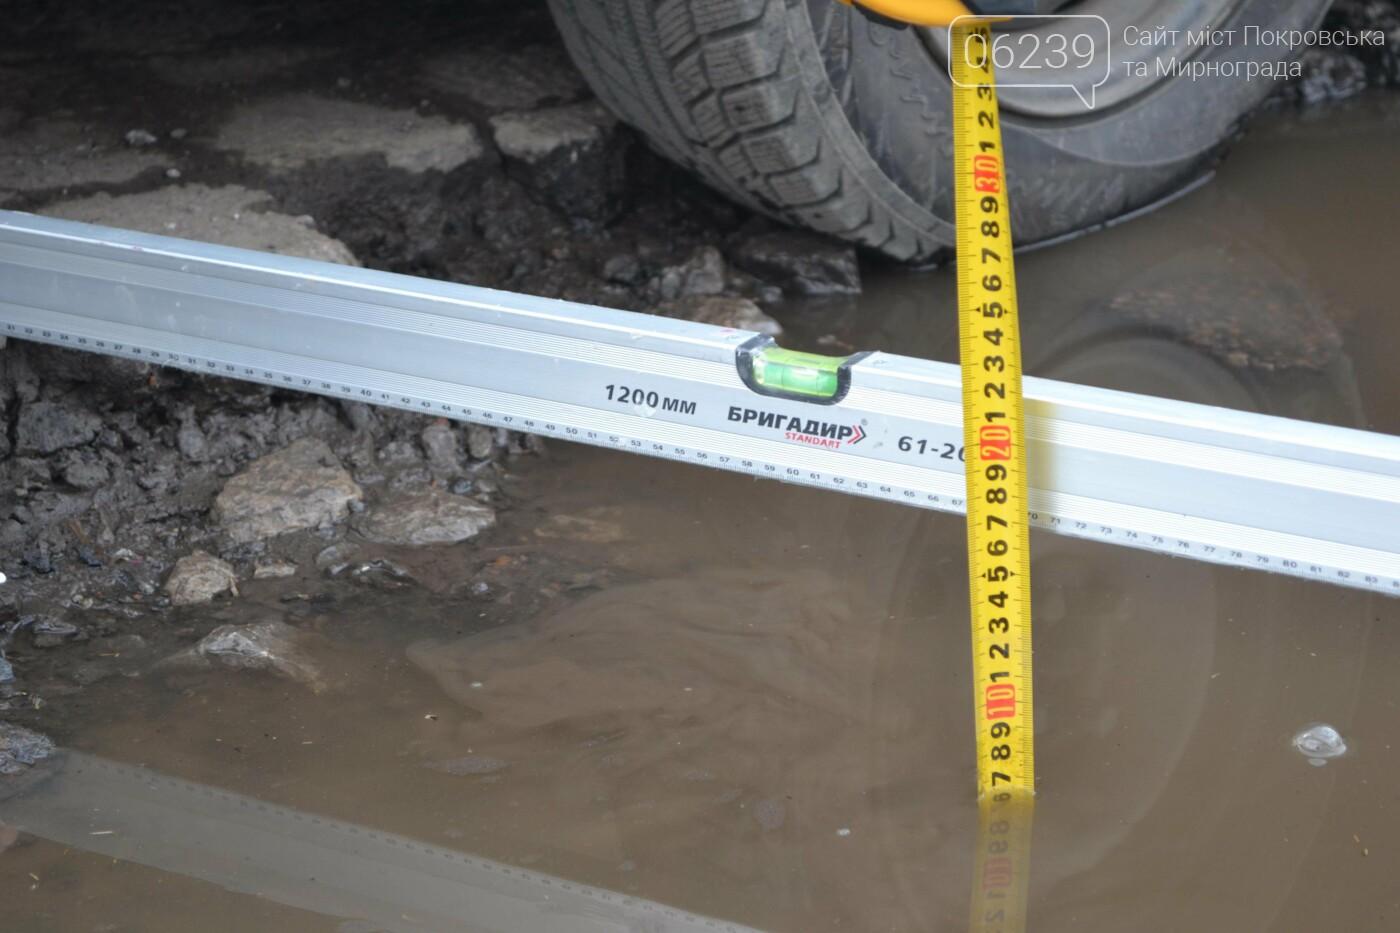 Попал в яму — сам виноват: копы составили протокол на водителя из Покровска, который, въехав в яму, повредил авто, фото-23